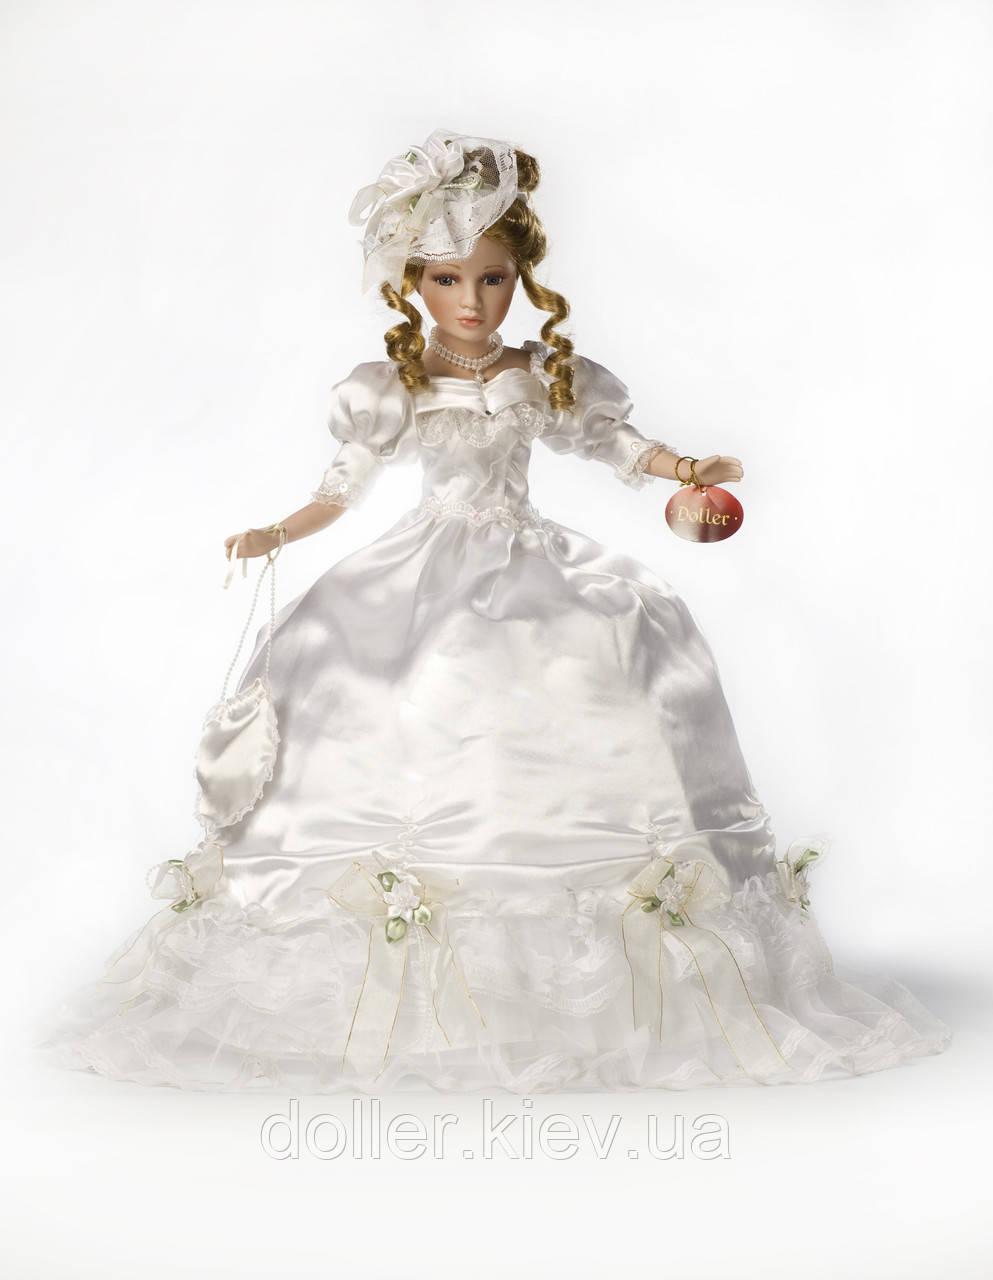 Свадебная кукла Адель (50 см.)